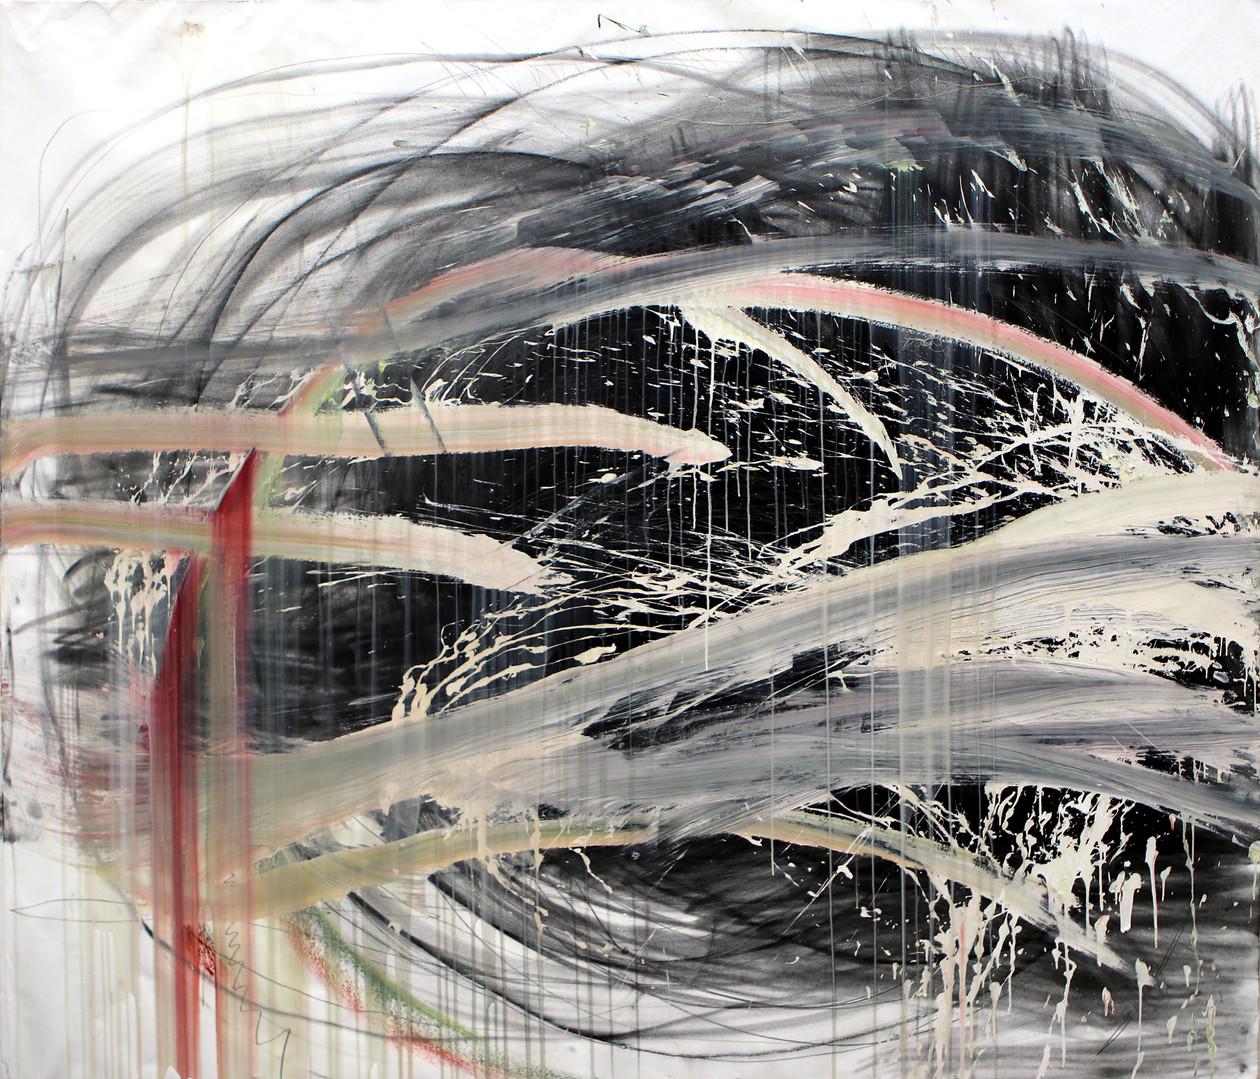 Sonicdream_Klangbild113_web.jpg